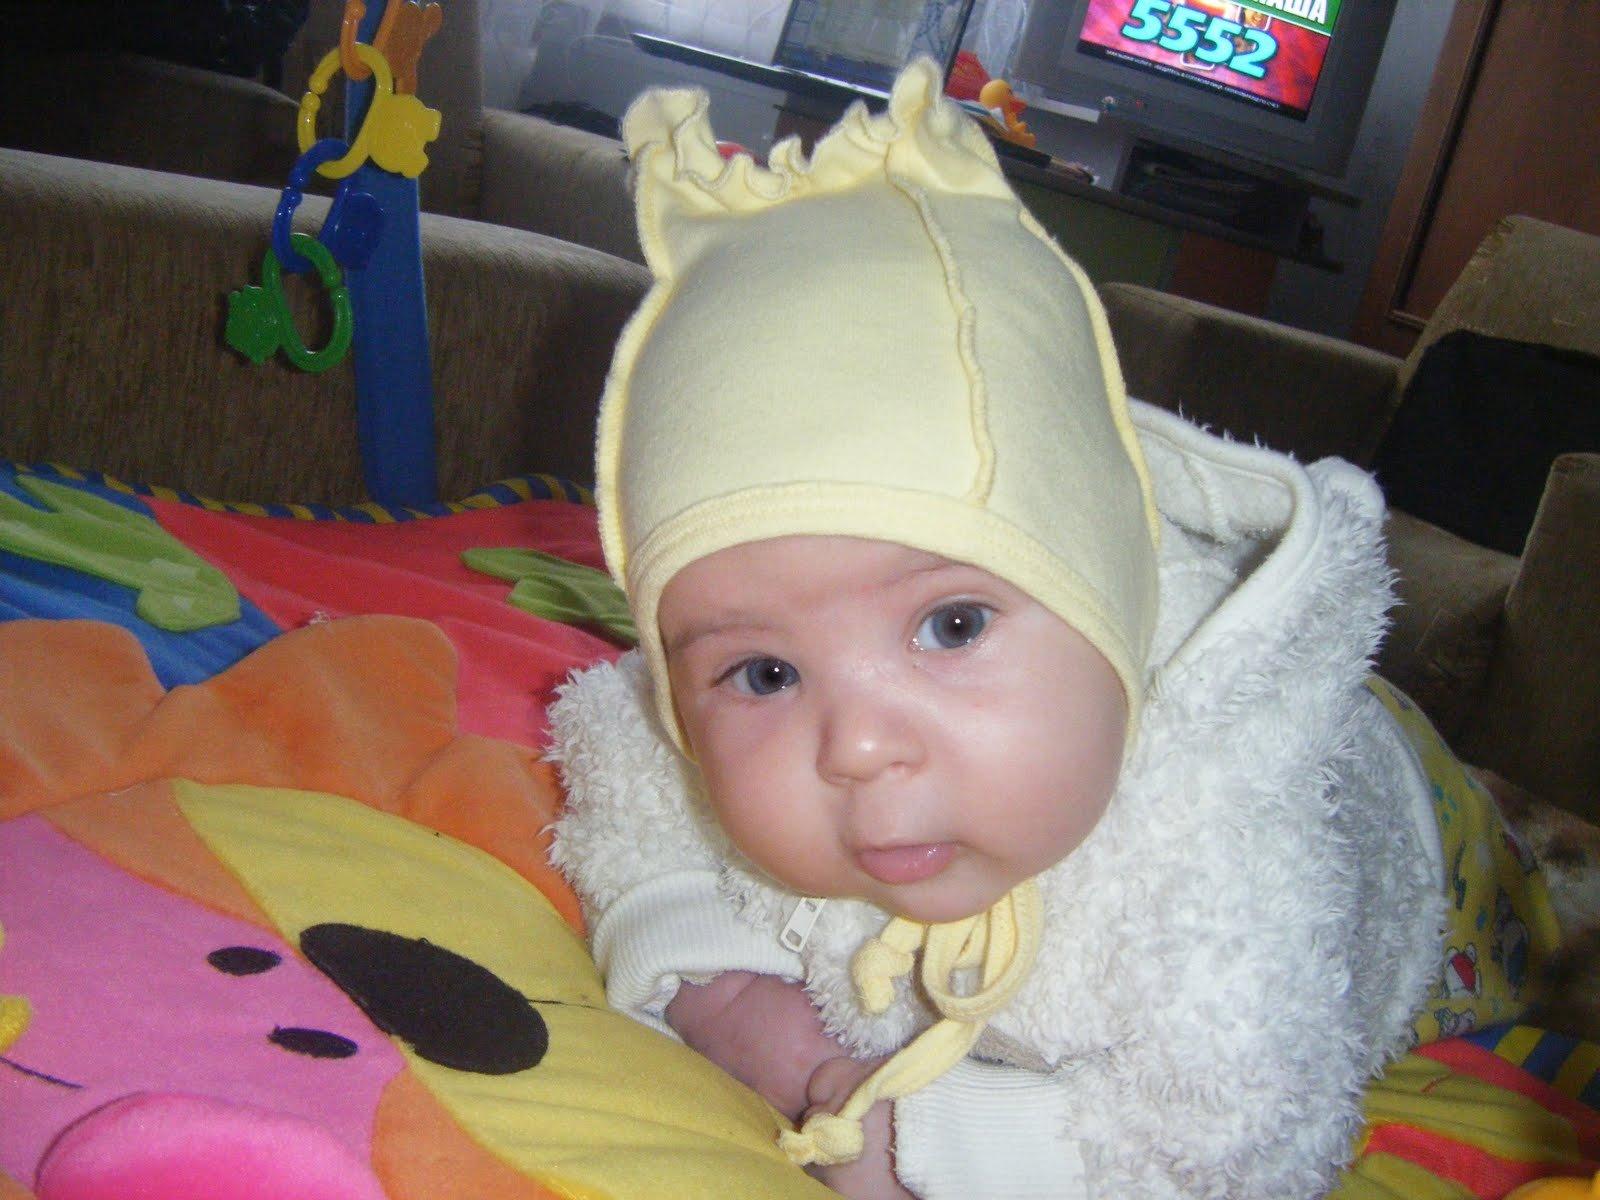 Медногорская 9-месячная малышка отравилась крысиным ядом